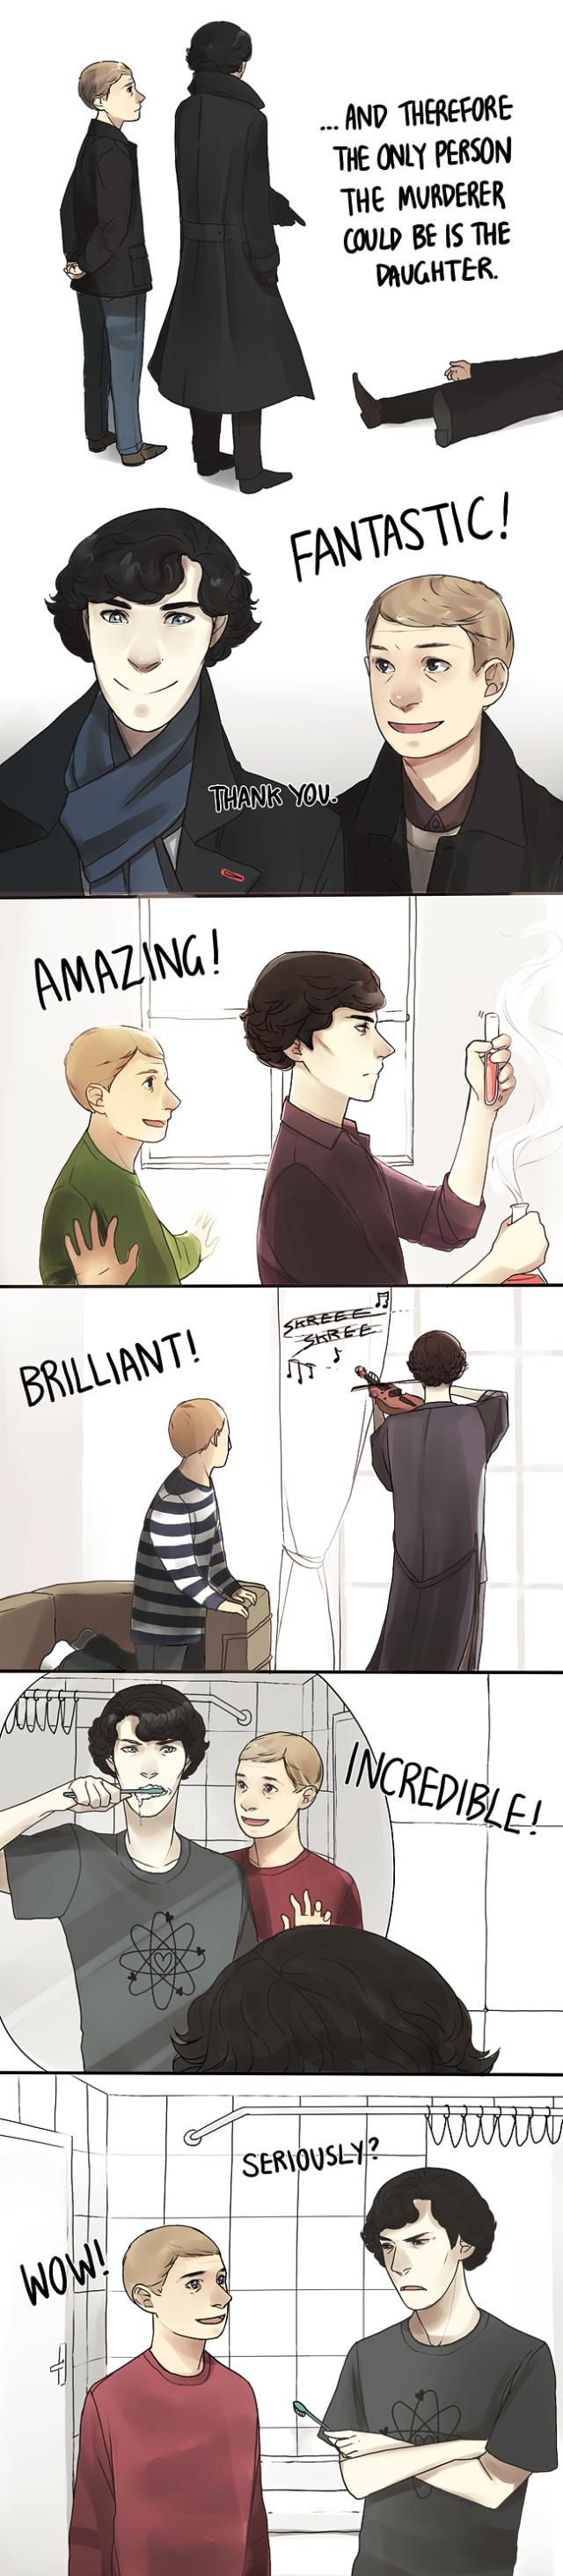 Sherlock.BBC.full.814409